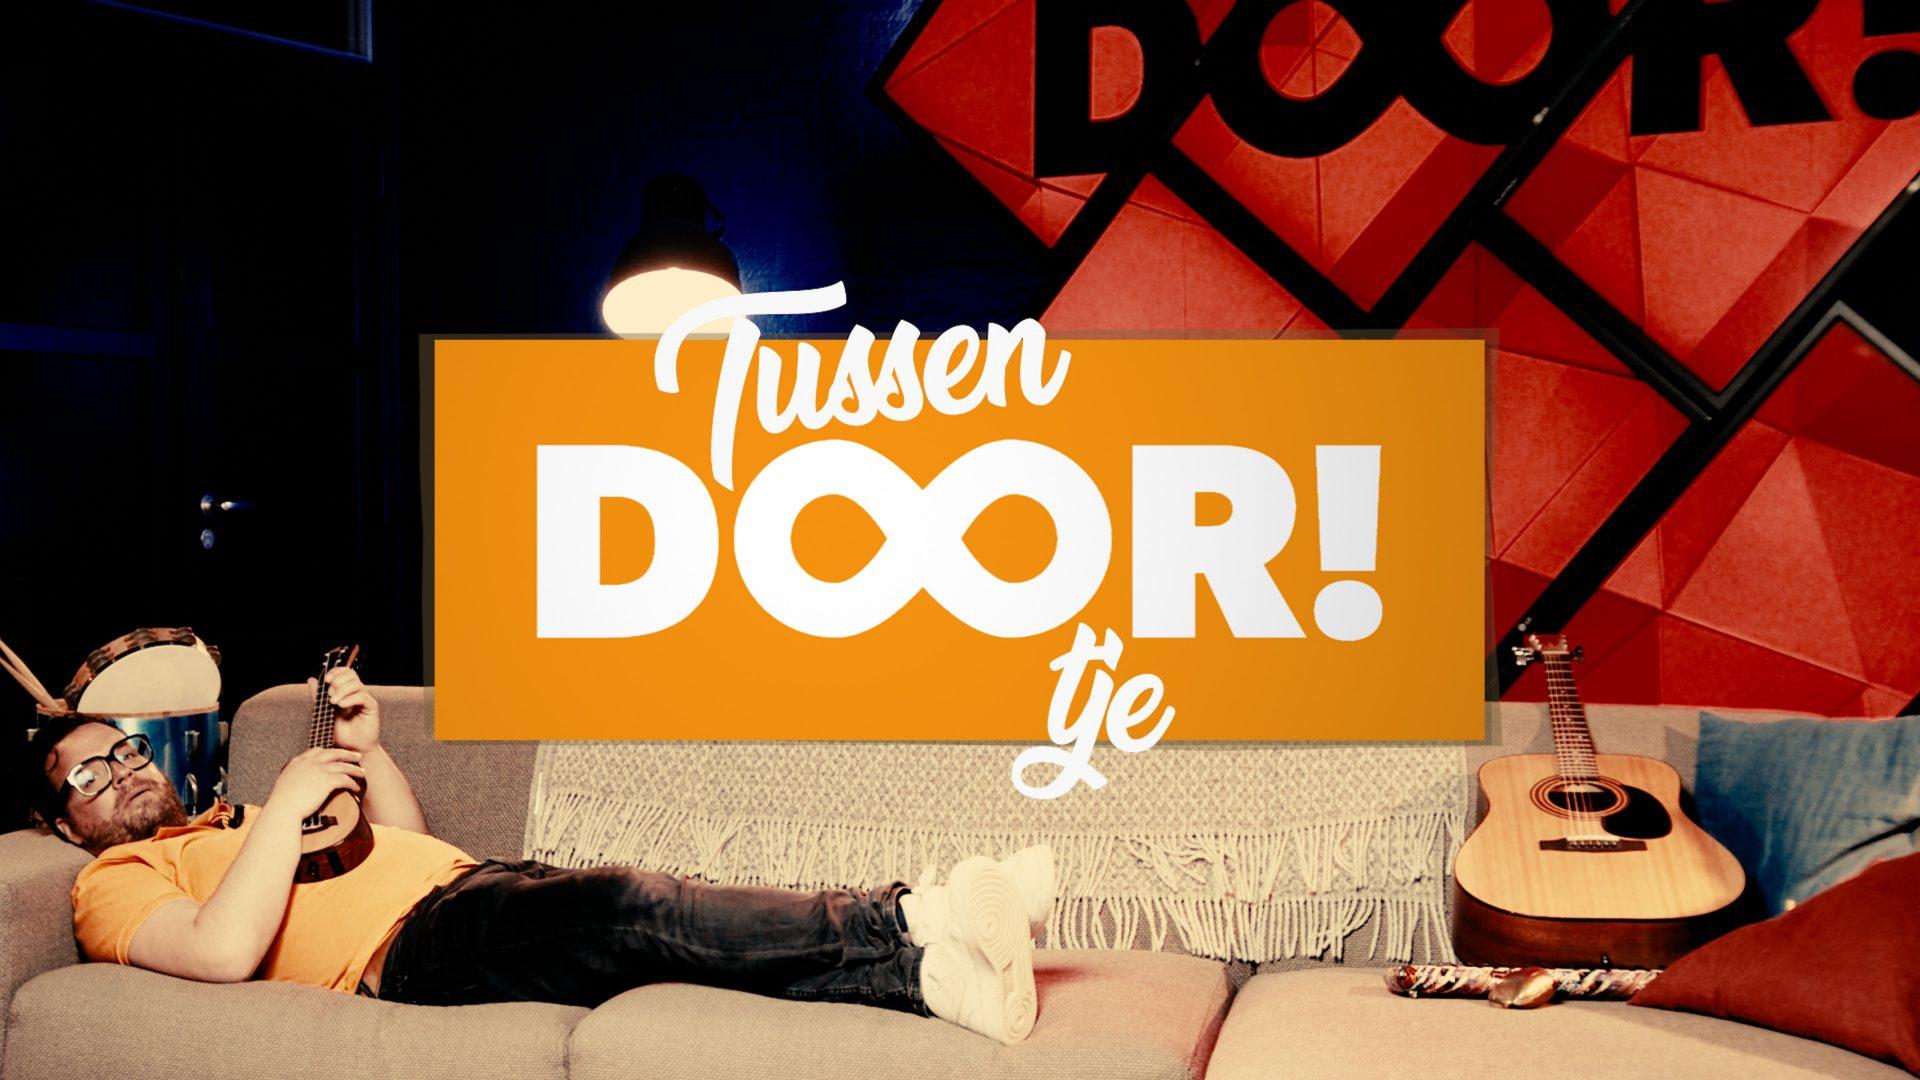 2. DOOR!